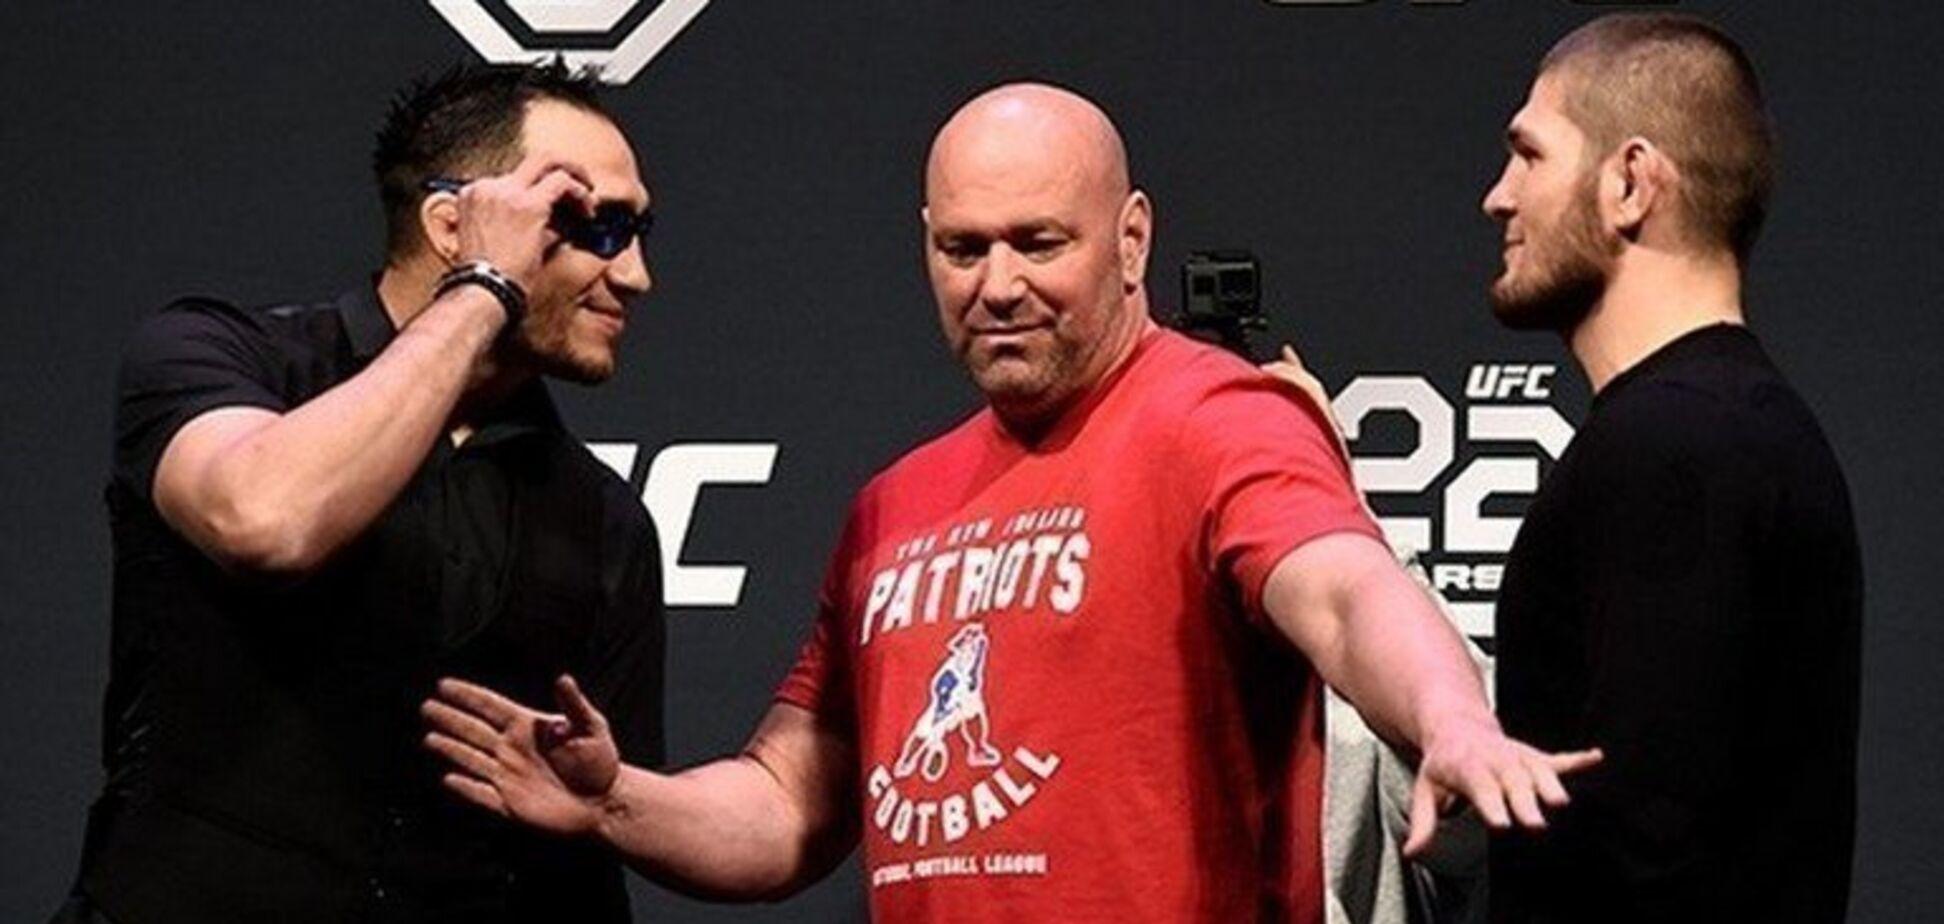 Хабіб сховався в Росії: Фергюсон присоромив чемпіона UFC напередодні бою